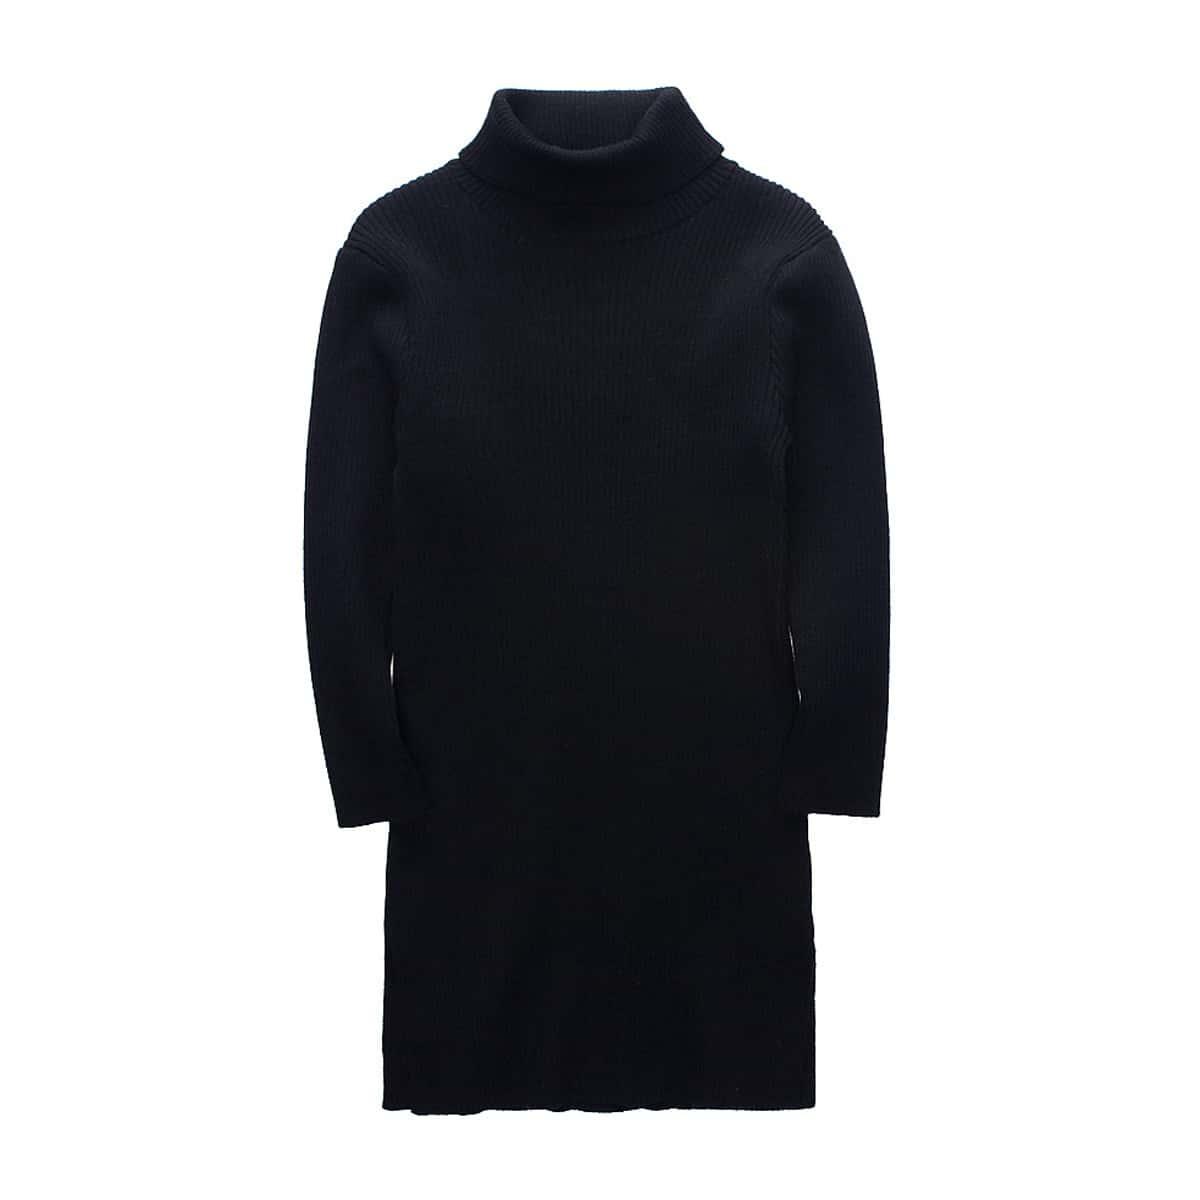 Вязаное платье-свитер в рубчик для девочек